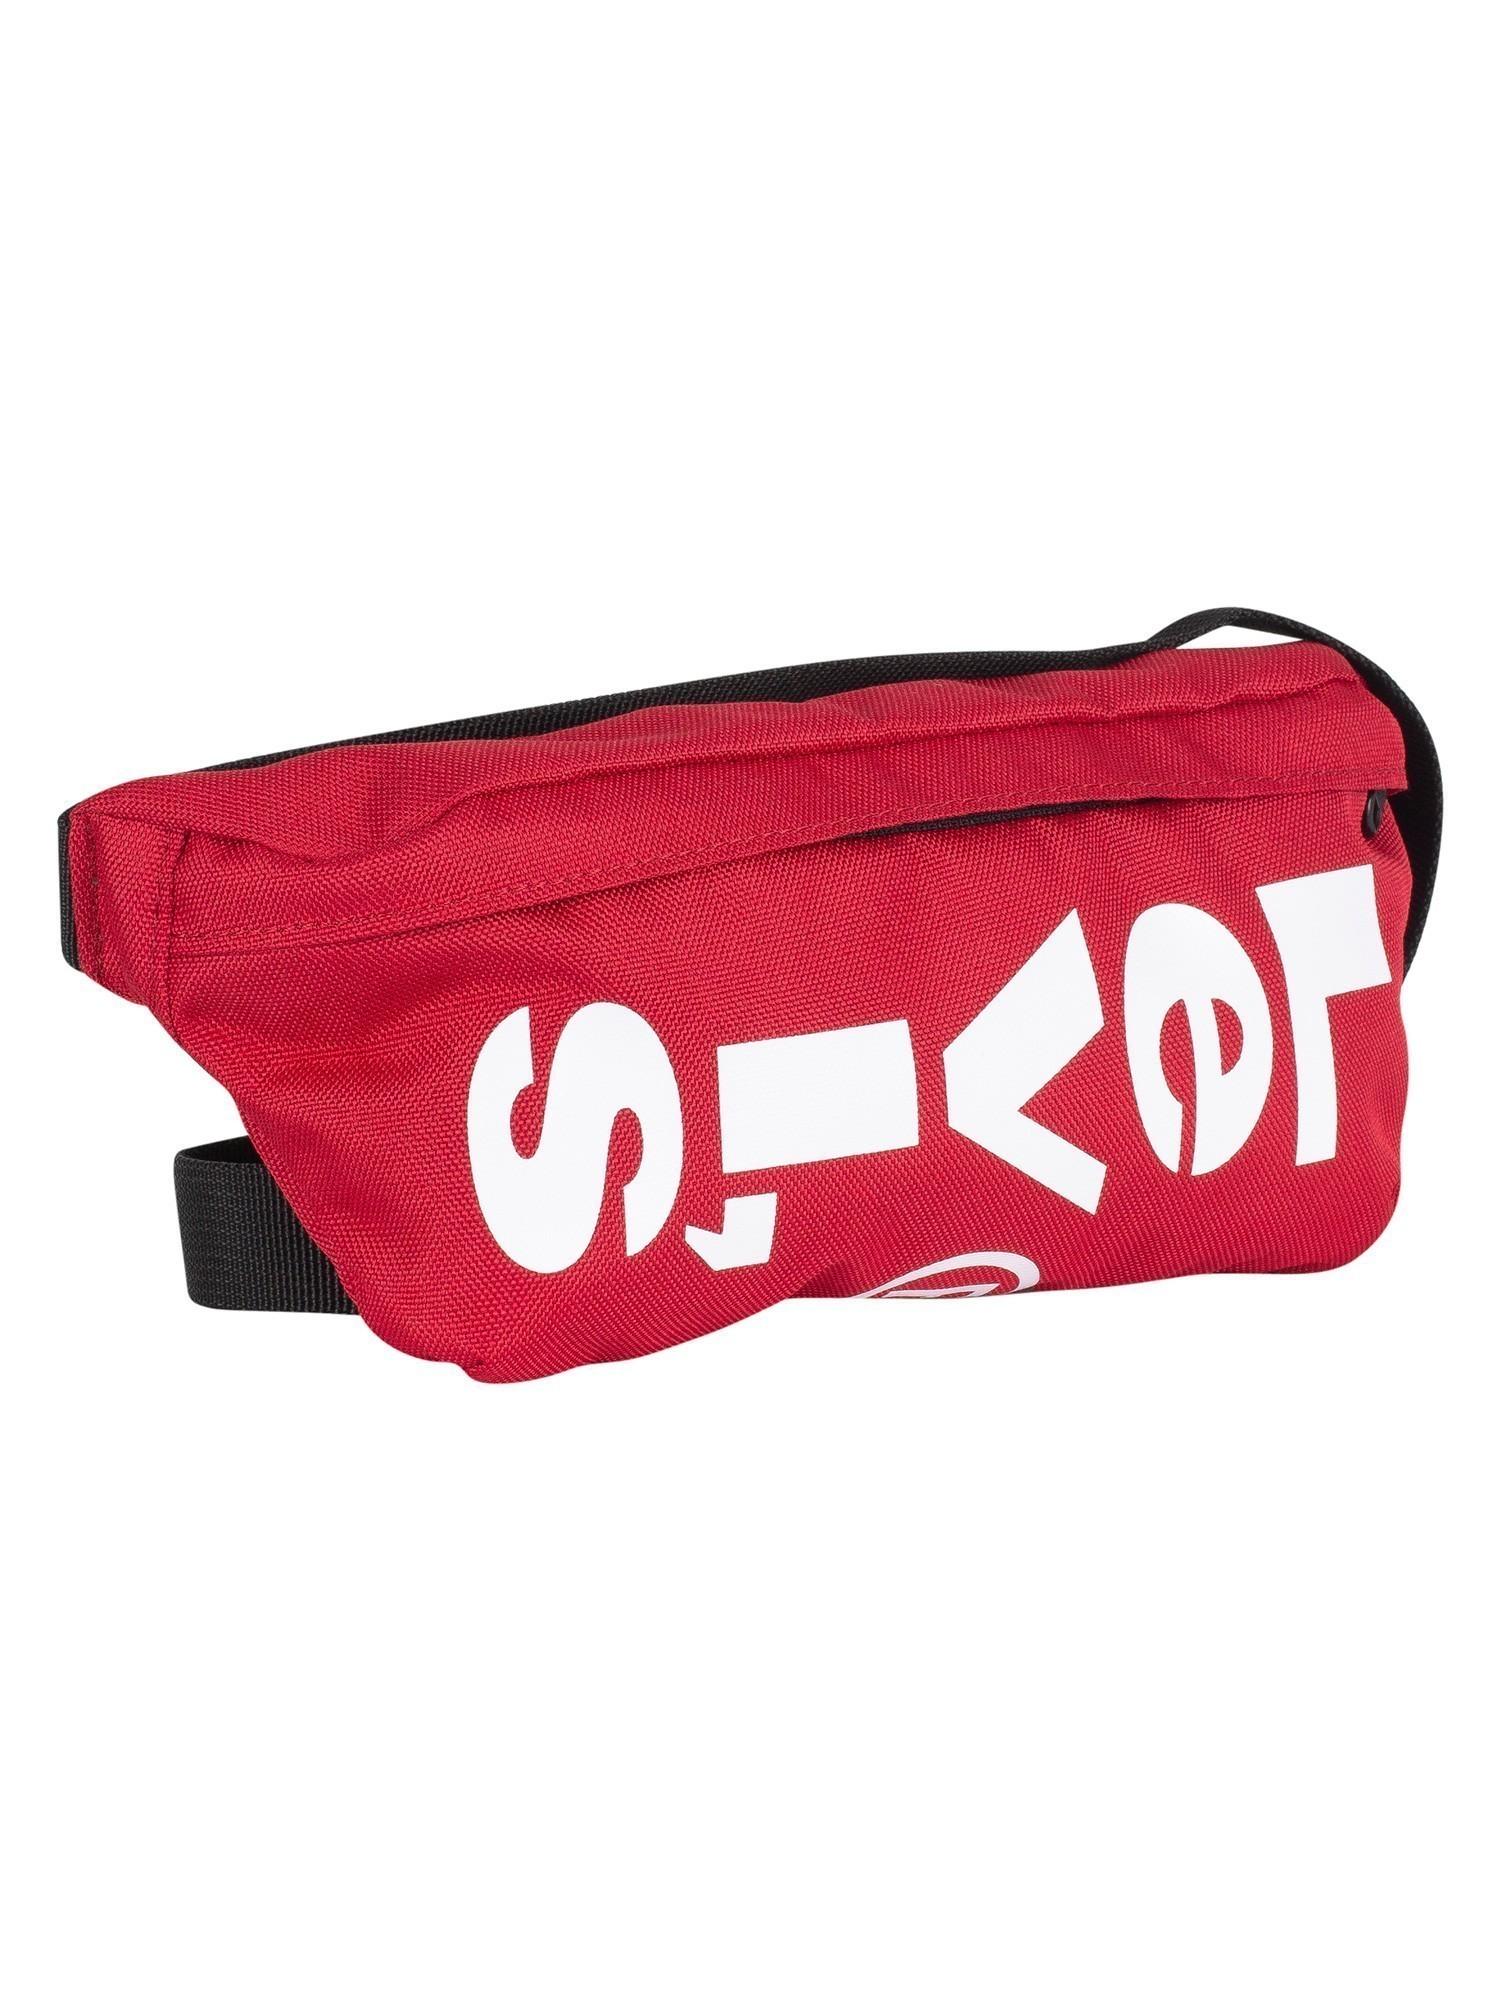 52af00d7c Levi's Brilliant Red Banana Sling Bag   Standout